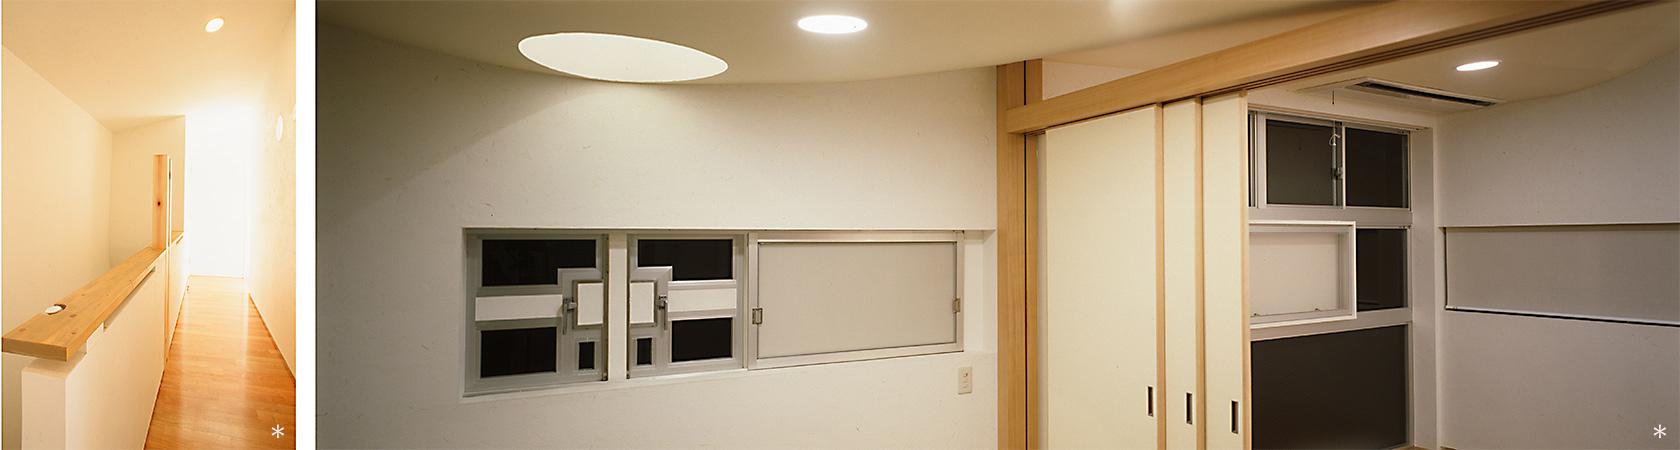 杉並S邸4-2階階段前廊下 和室とリビング